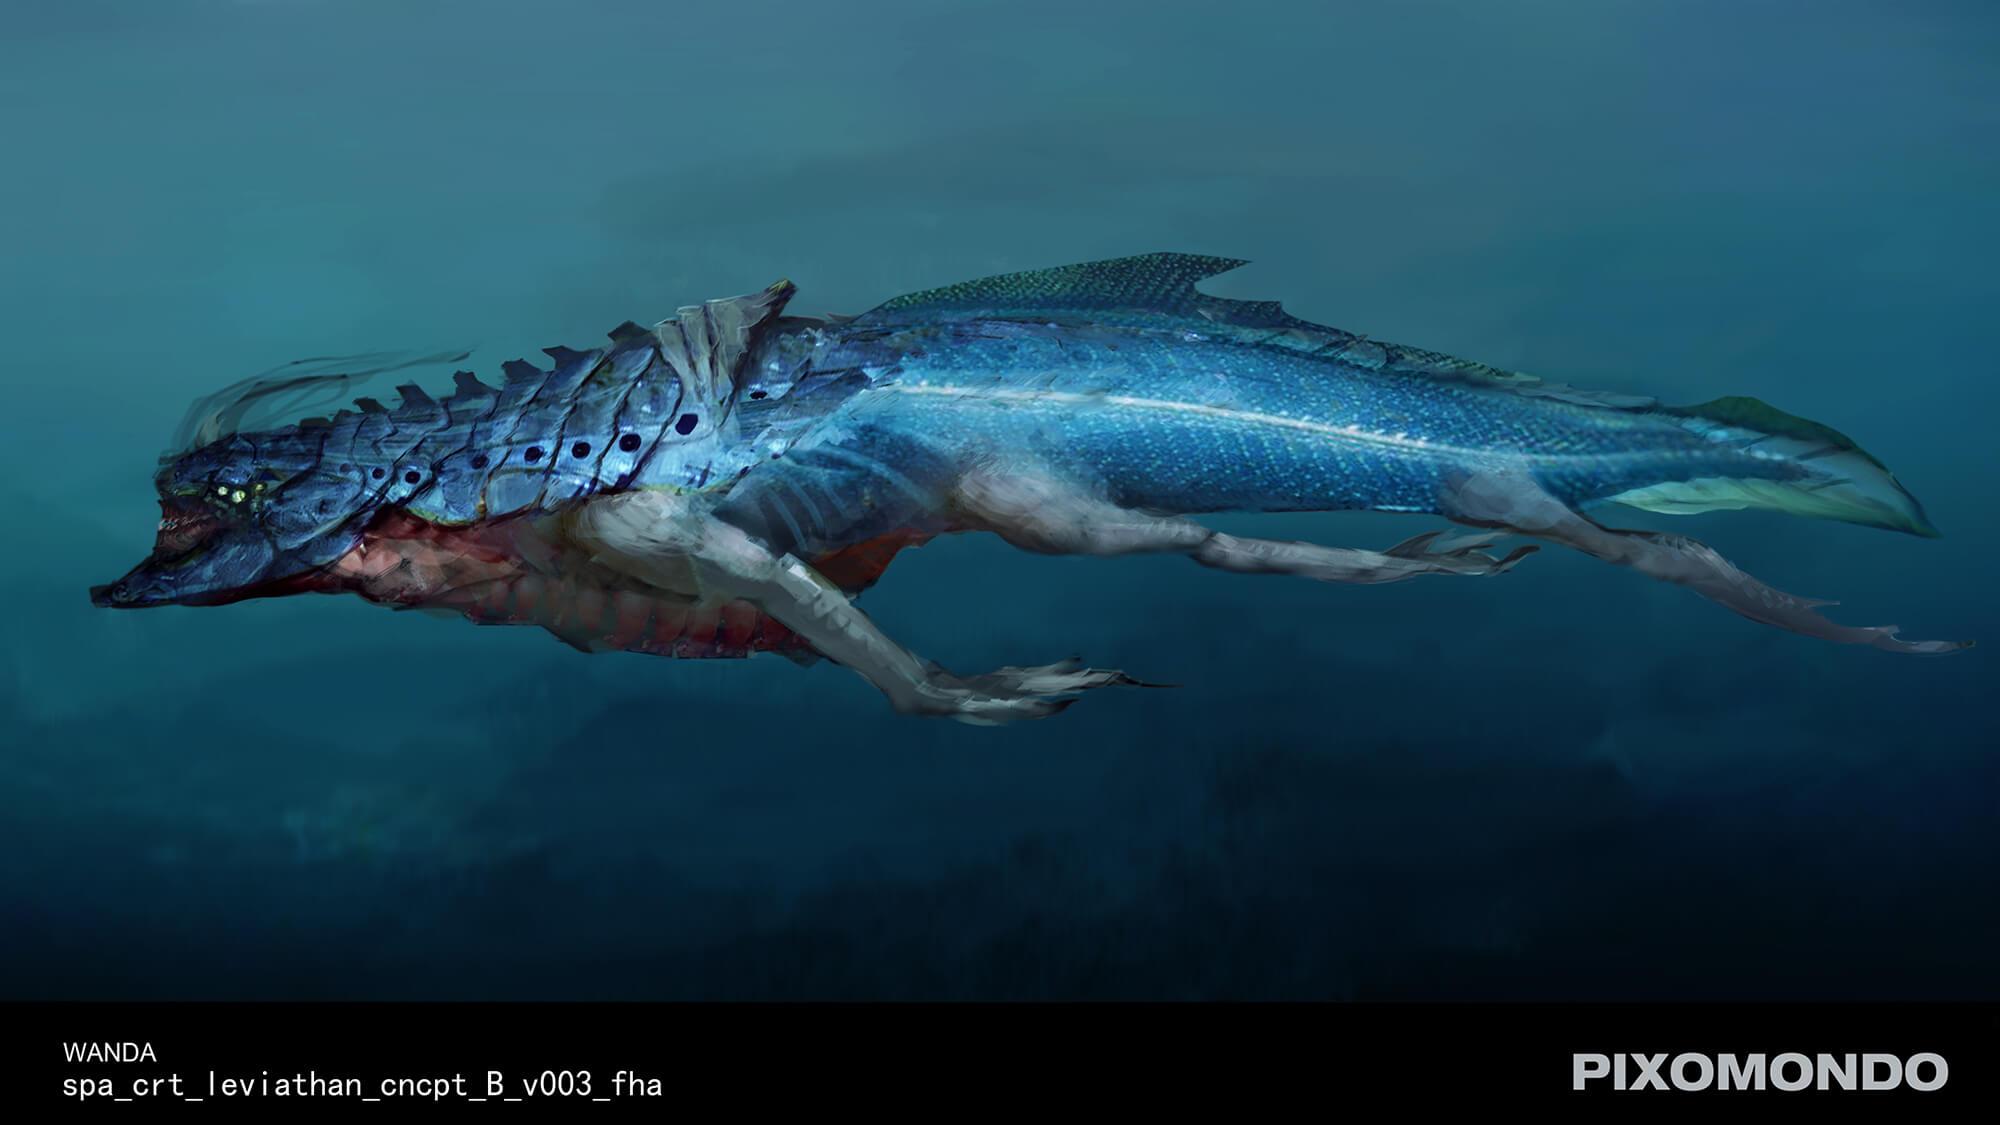 creature-concept-wanda-pixomondo-felix-botho-haas-leviathan-v003